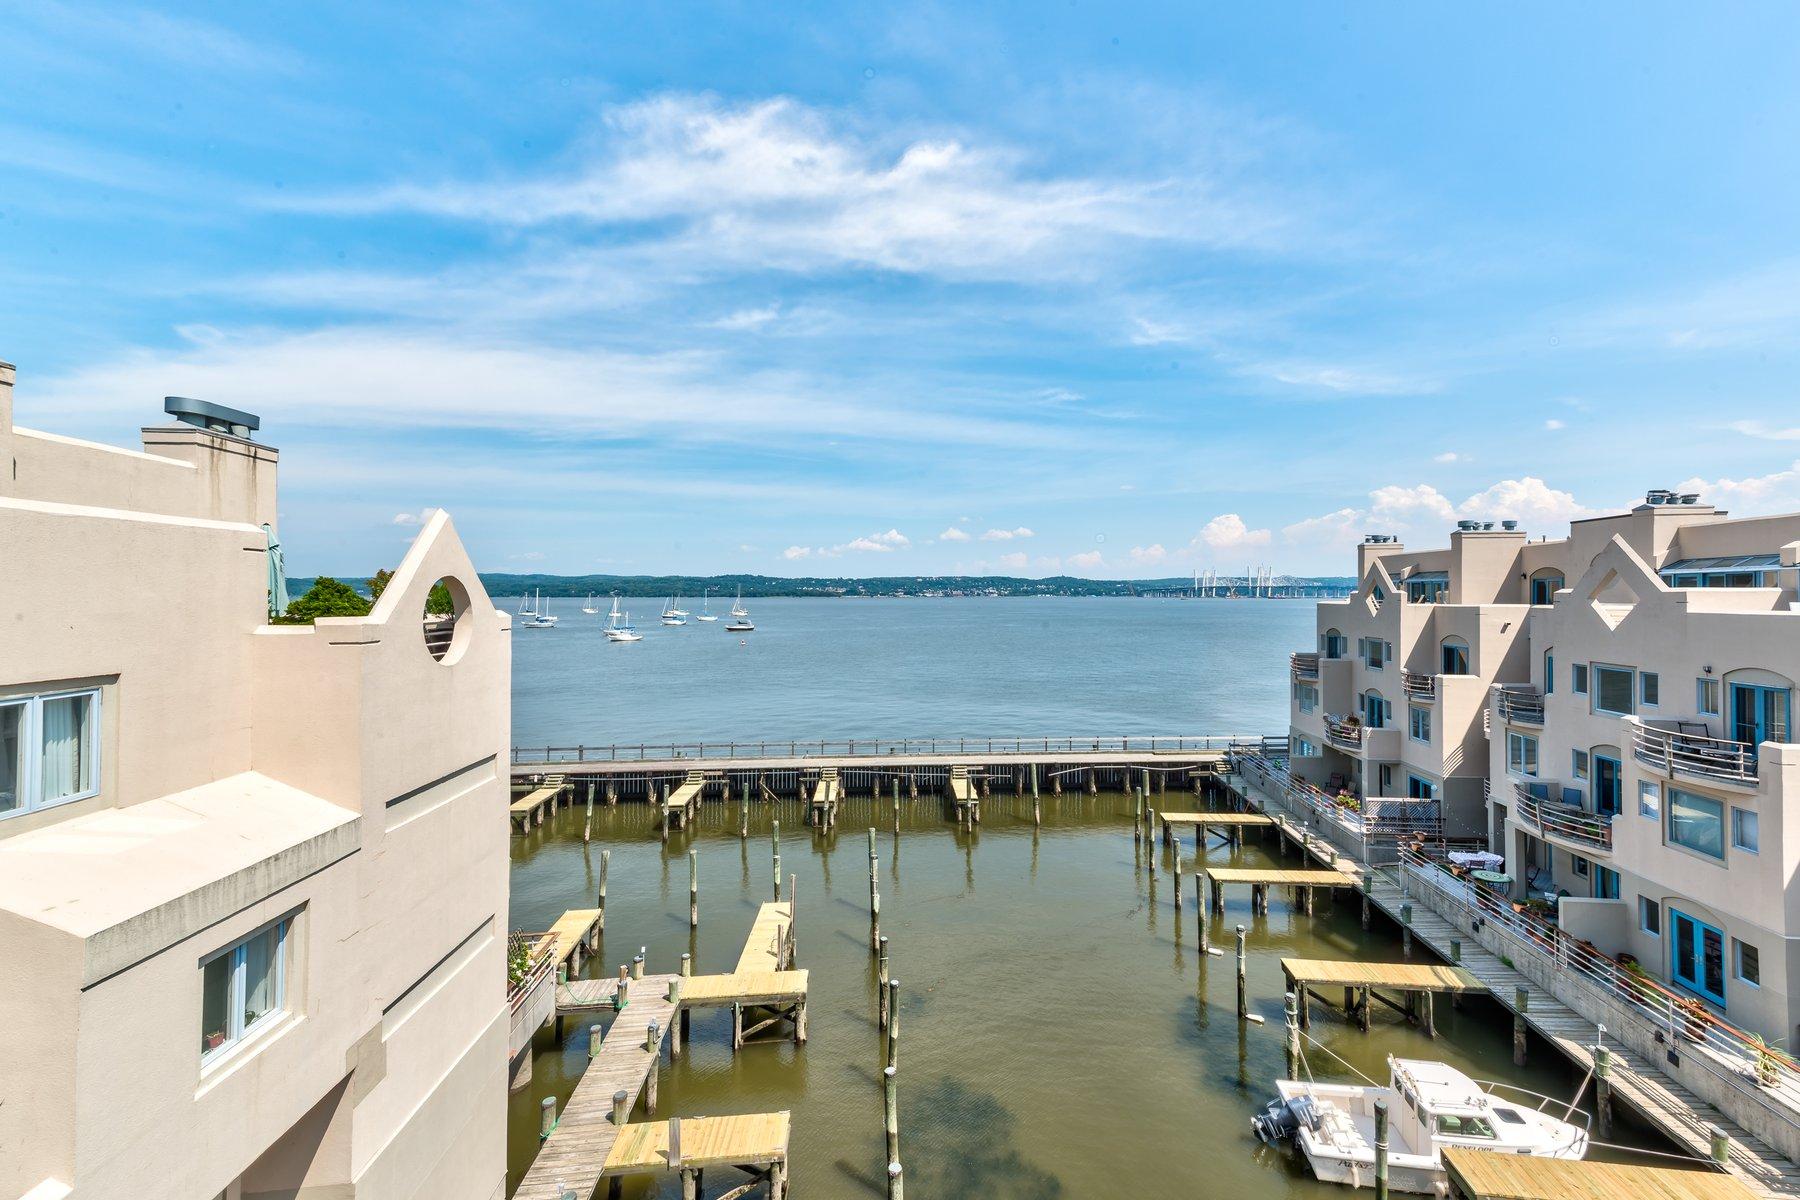 Кондоминиум для того Продажа на Breathtaking Views - Riverfront Condo 4 Burd Street #2206 Nyack, Нью-Йорк 10960 Соединенные Штаты